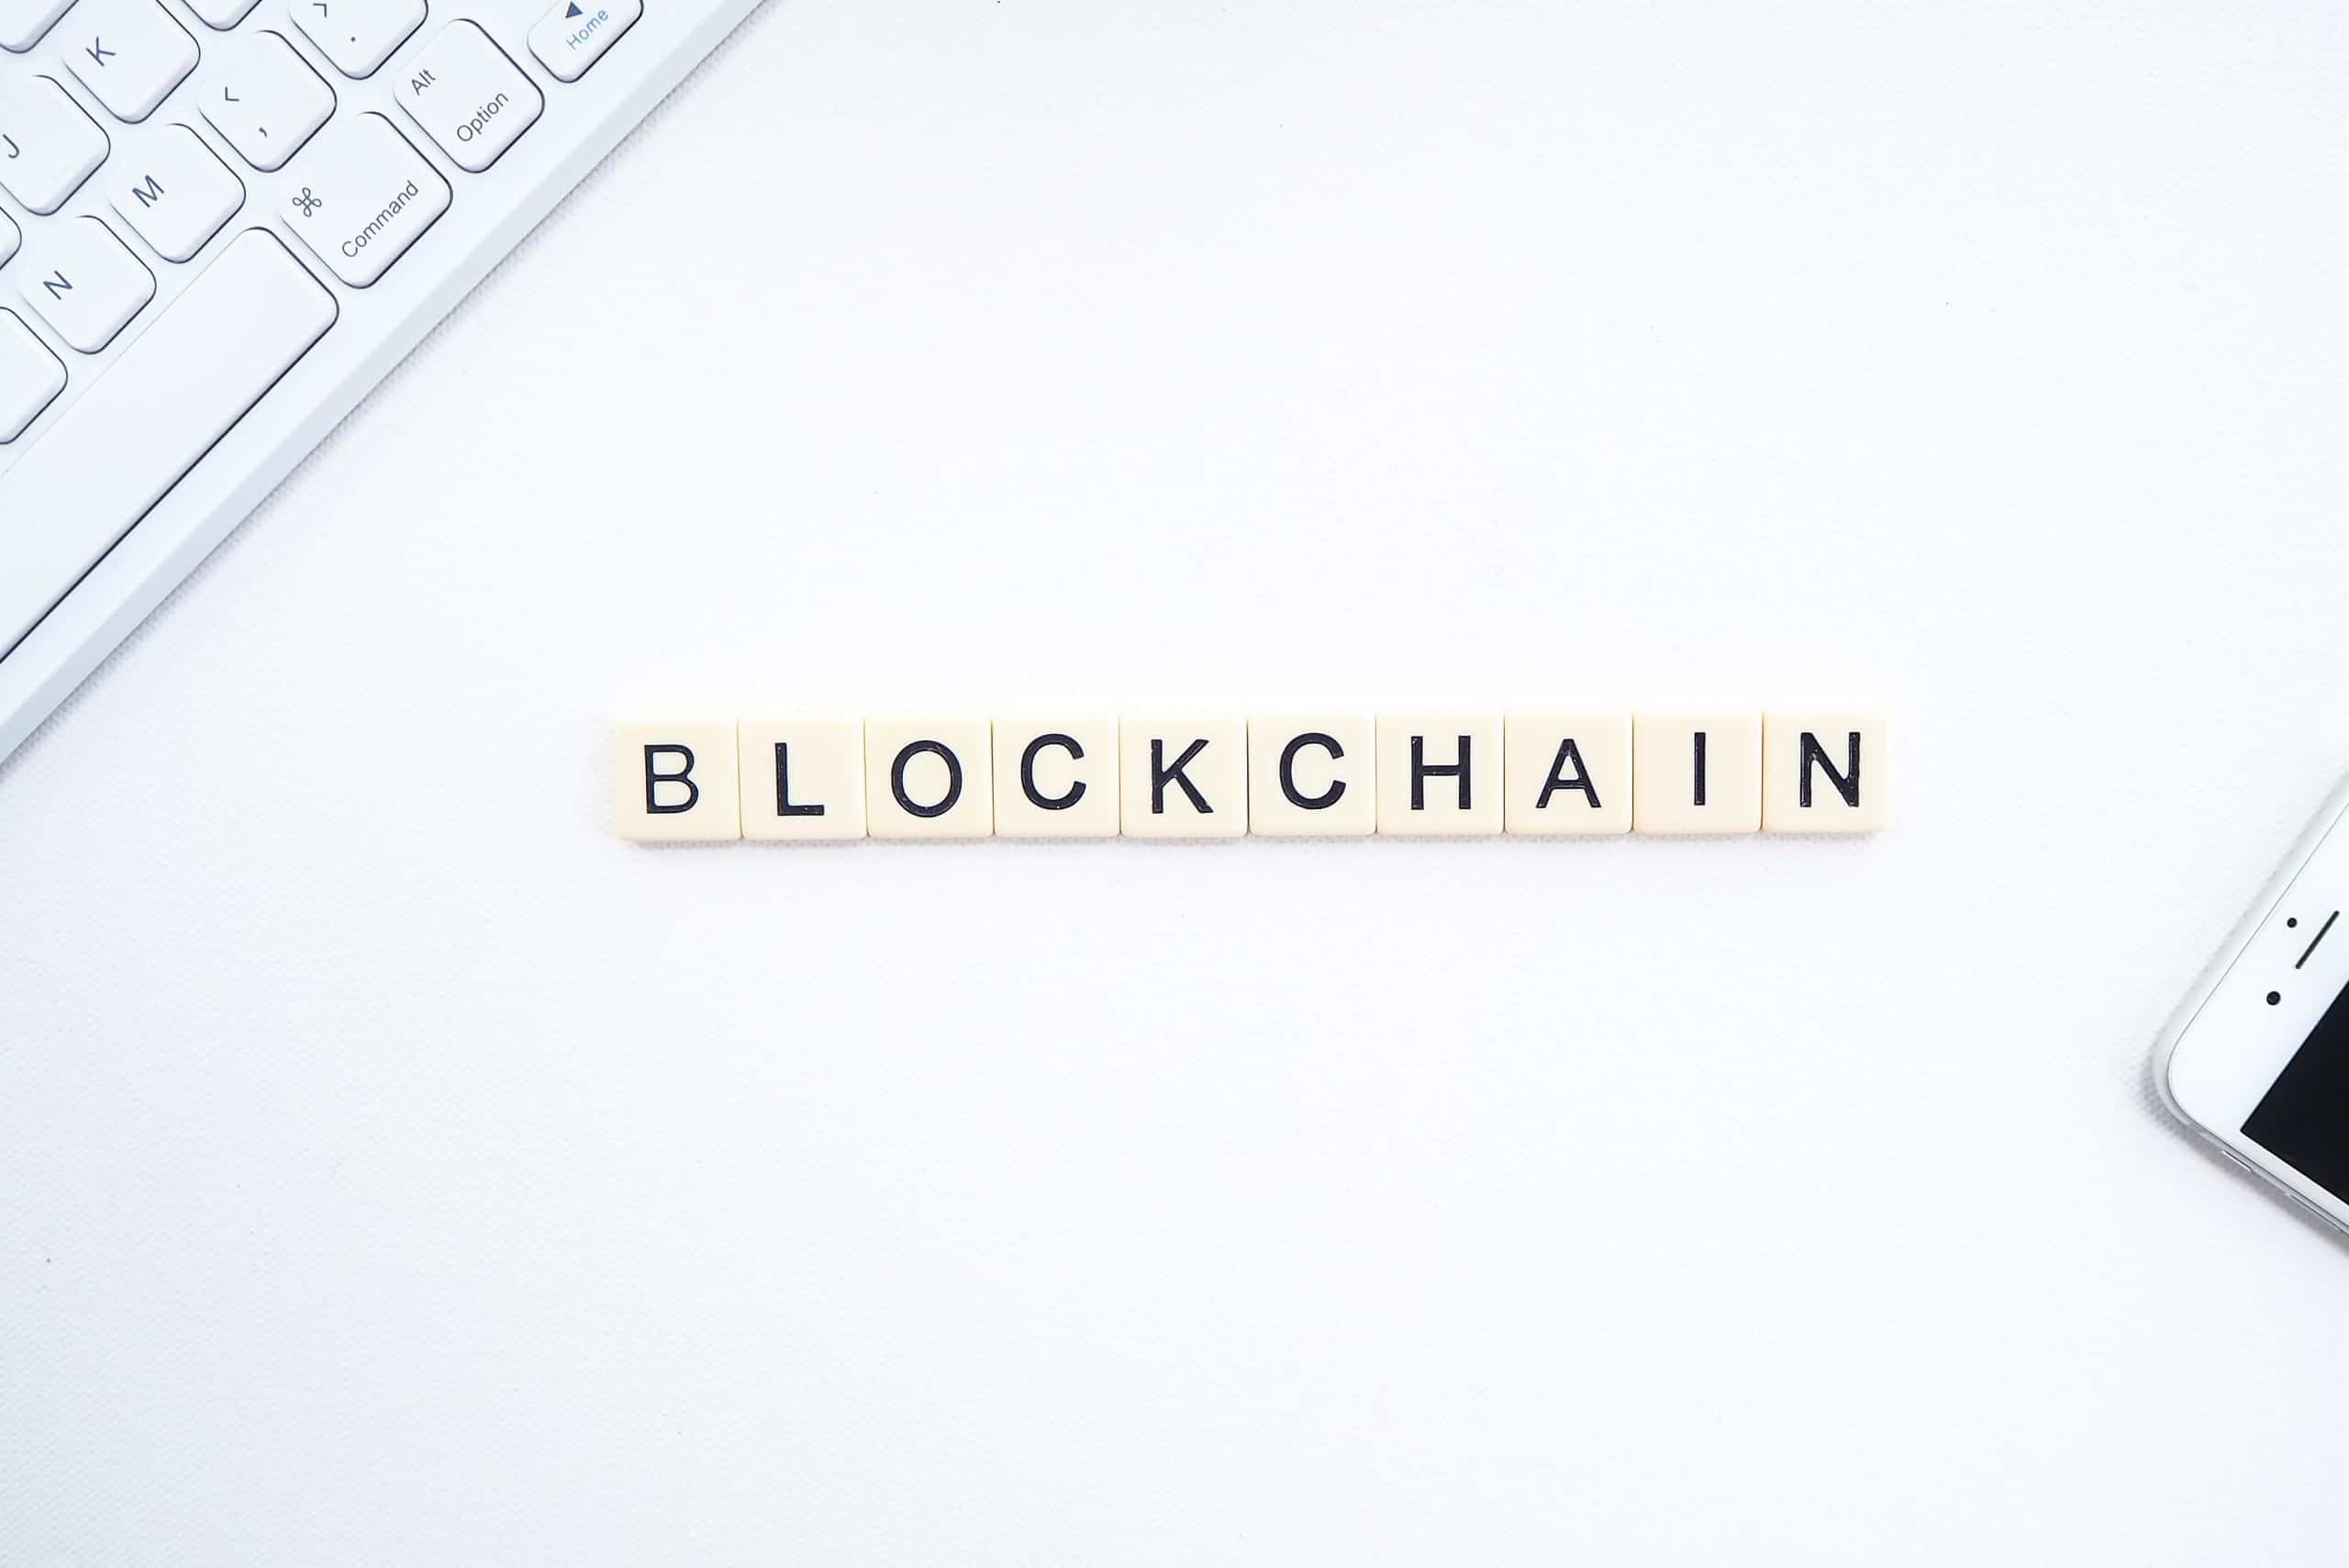 Blockchain come stimolo rivoluzionario per il mercato immobiliare